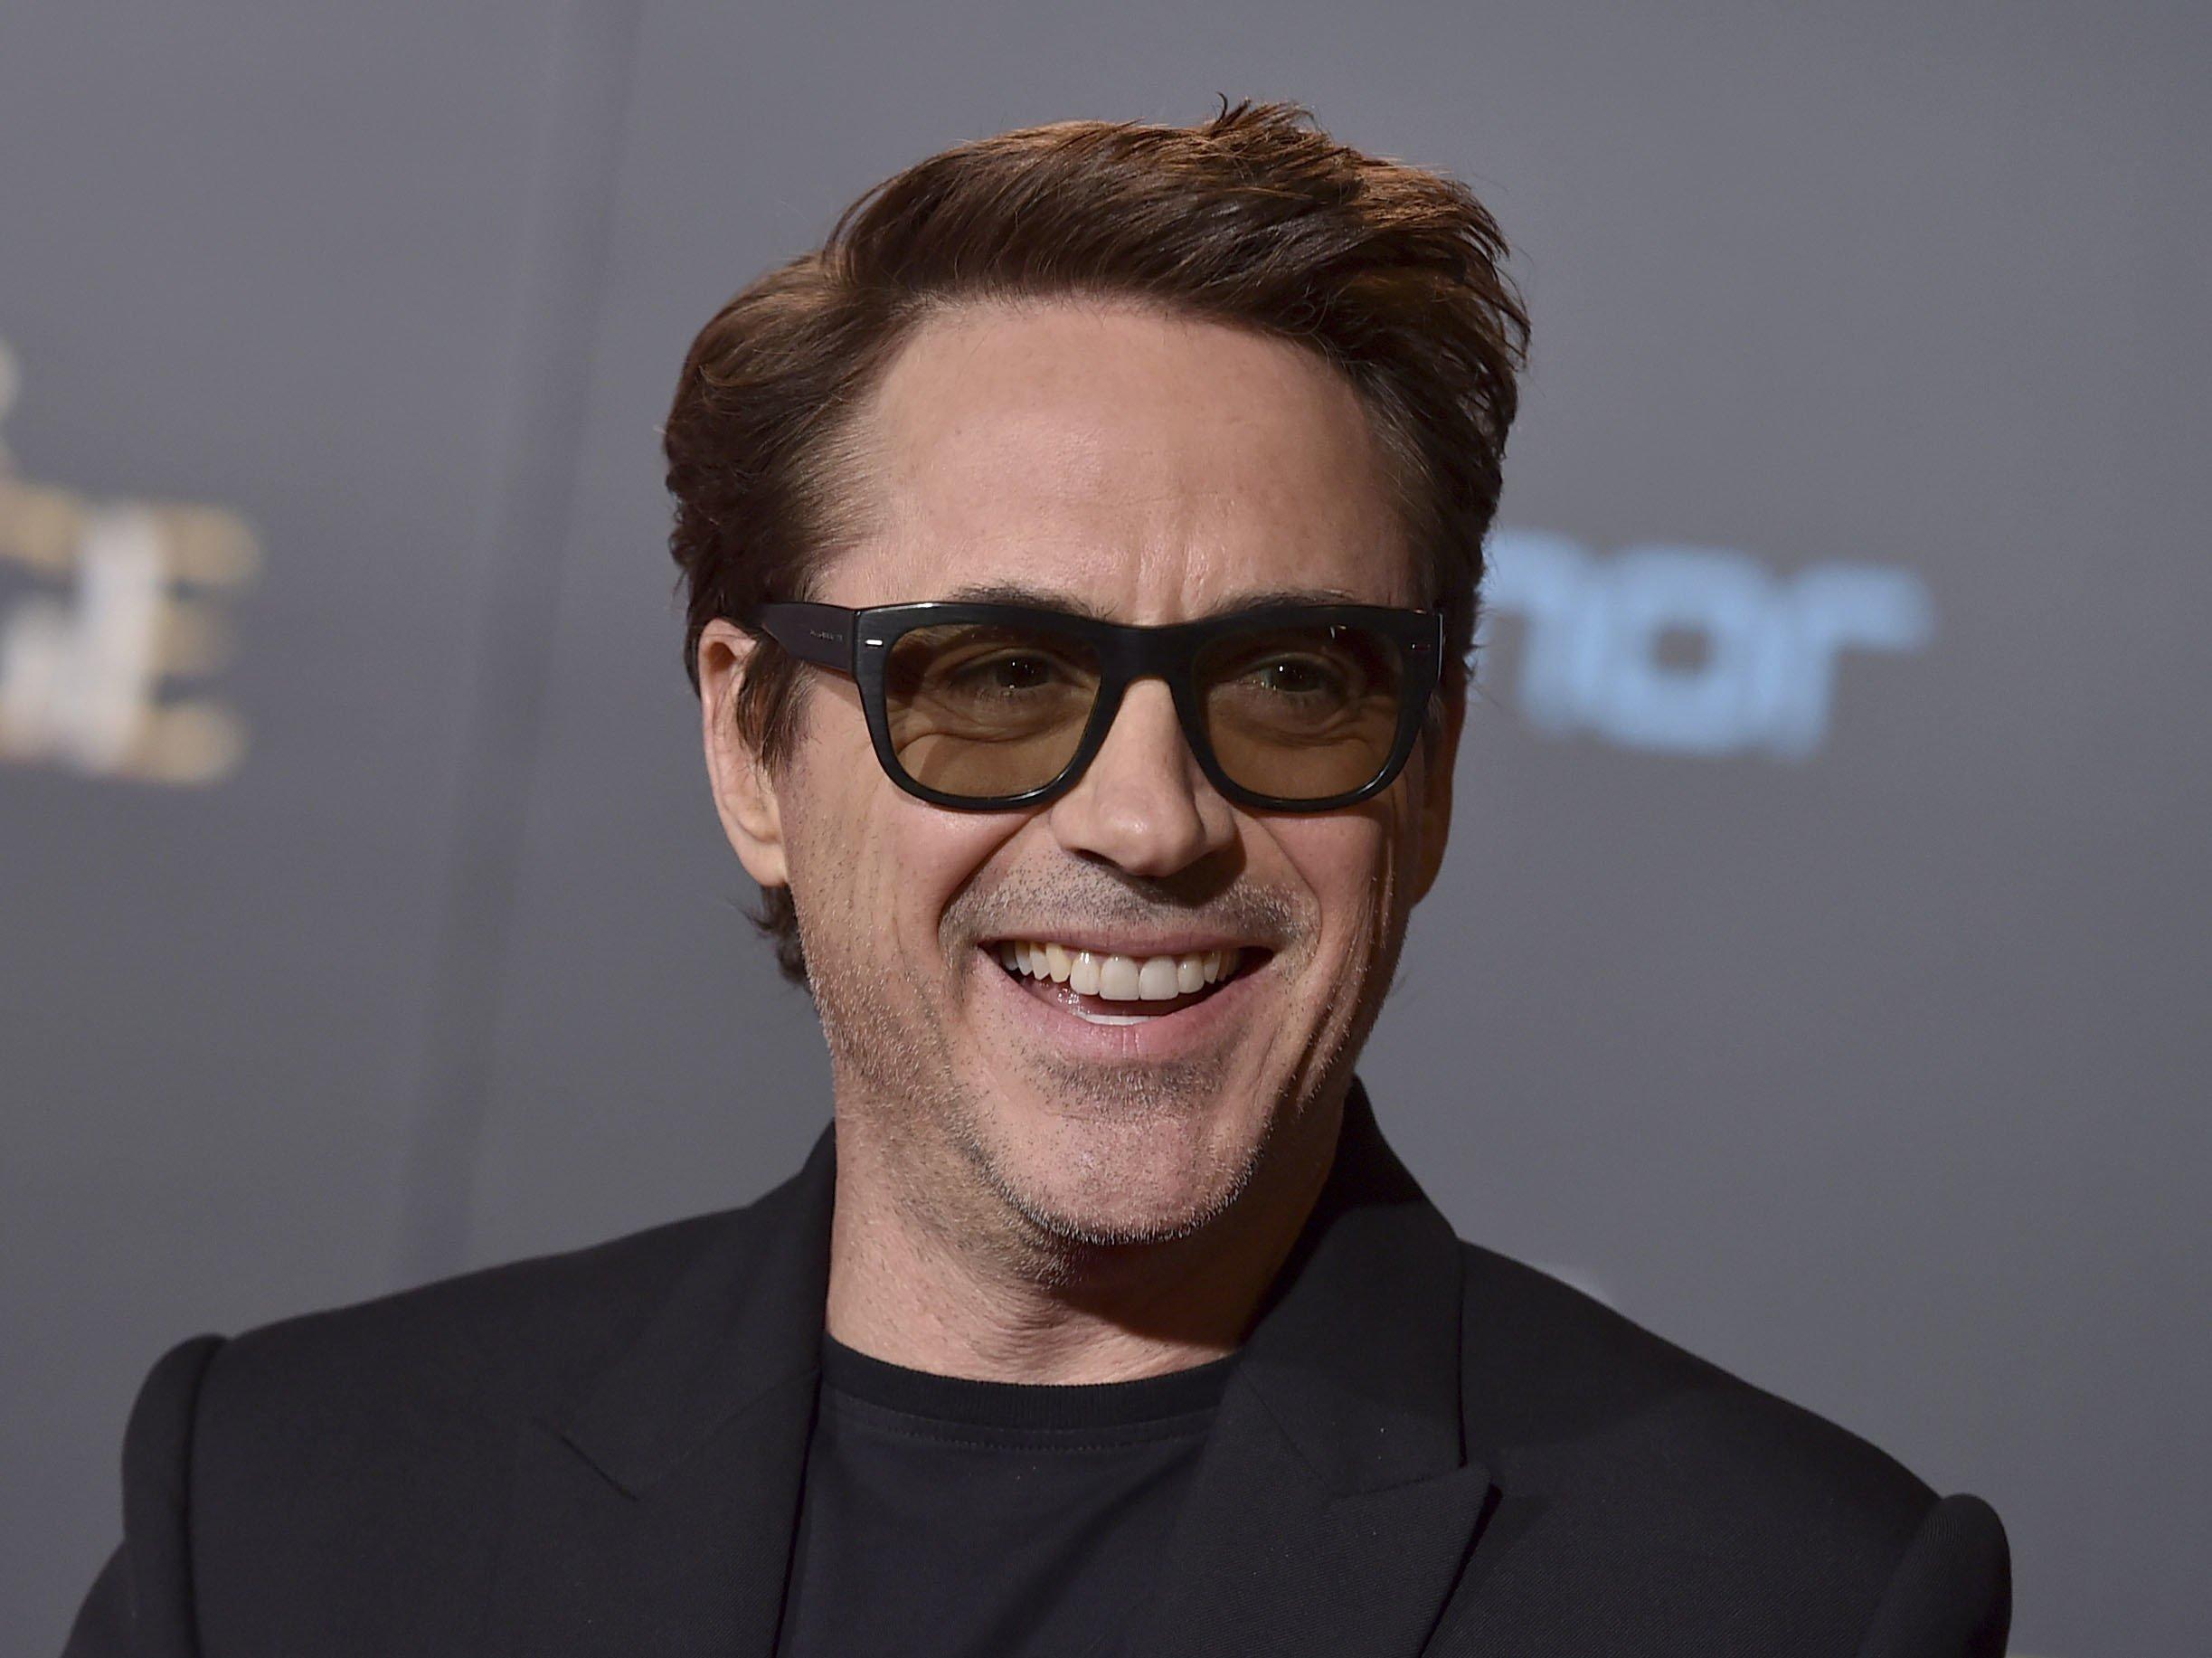 Downey Jr., Linklater to make film based on podcast